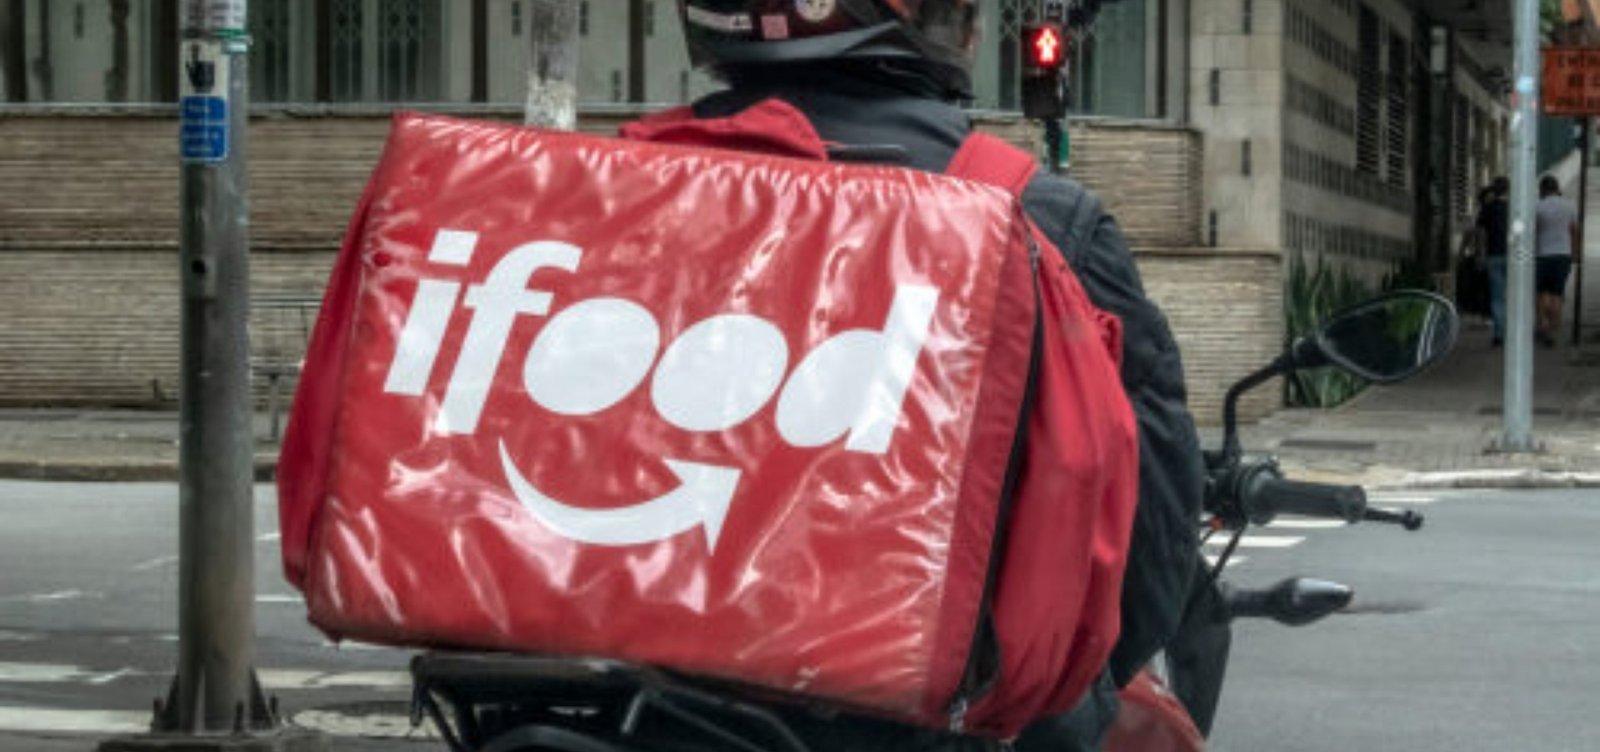 iFood é acusado de práticas anticompetitivas por rivais